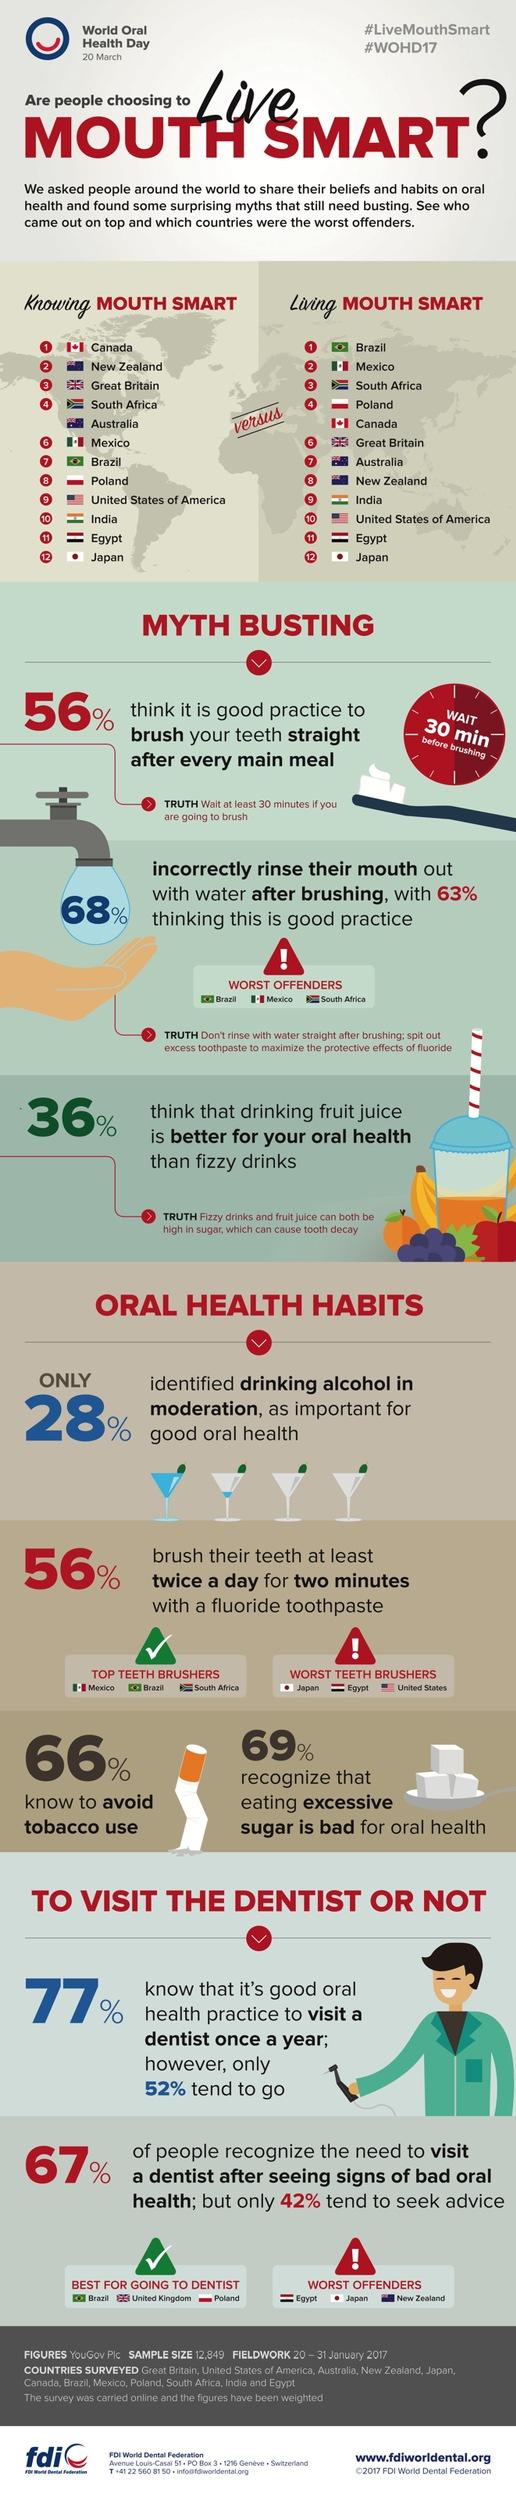 Wahrheit oder Mythos? Weltweite Umfrage zum Weltmundgesundheitstag enthüllt die Wahrheit über unsere Mundpflegegewohnheiten